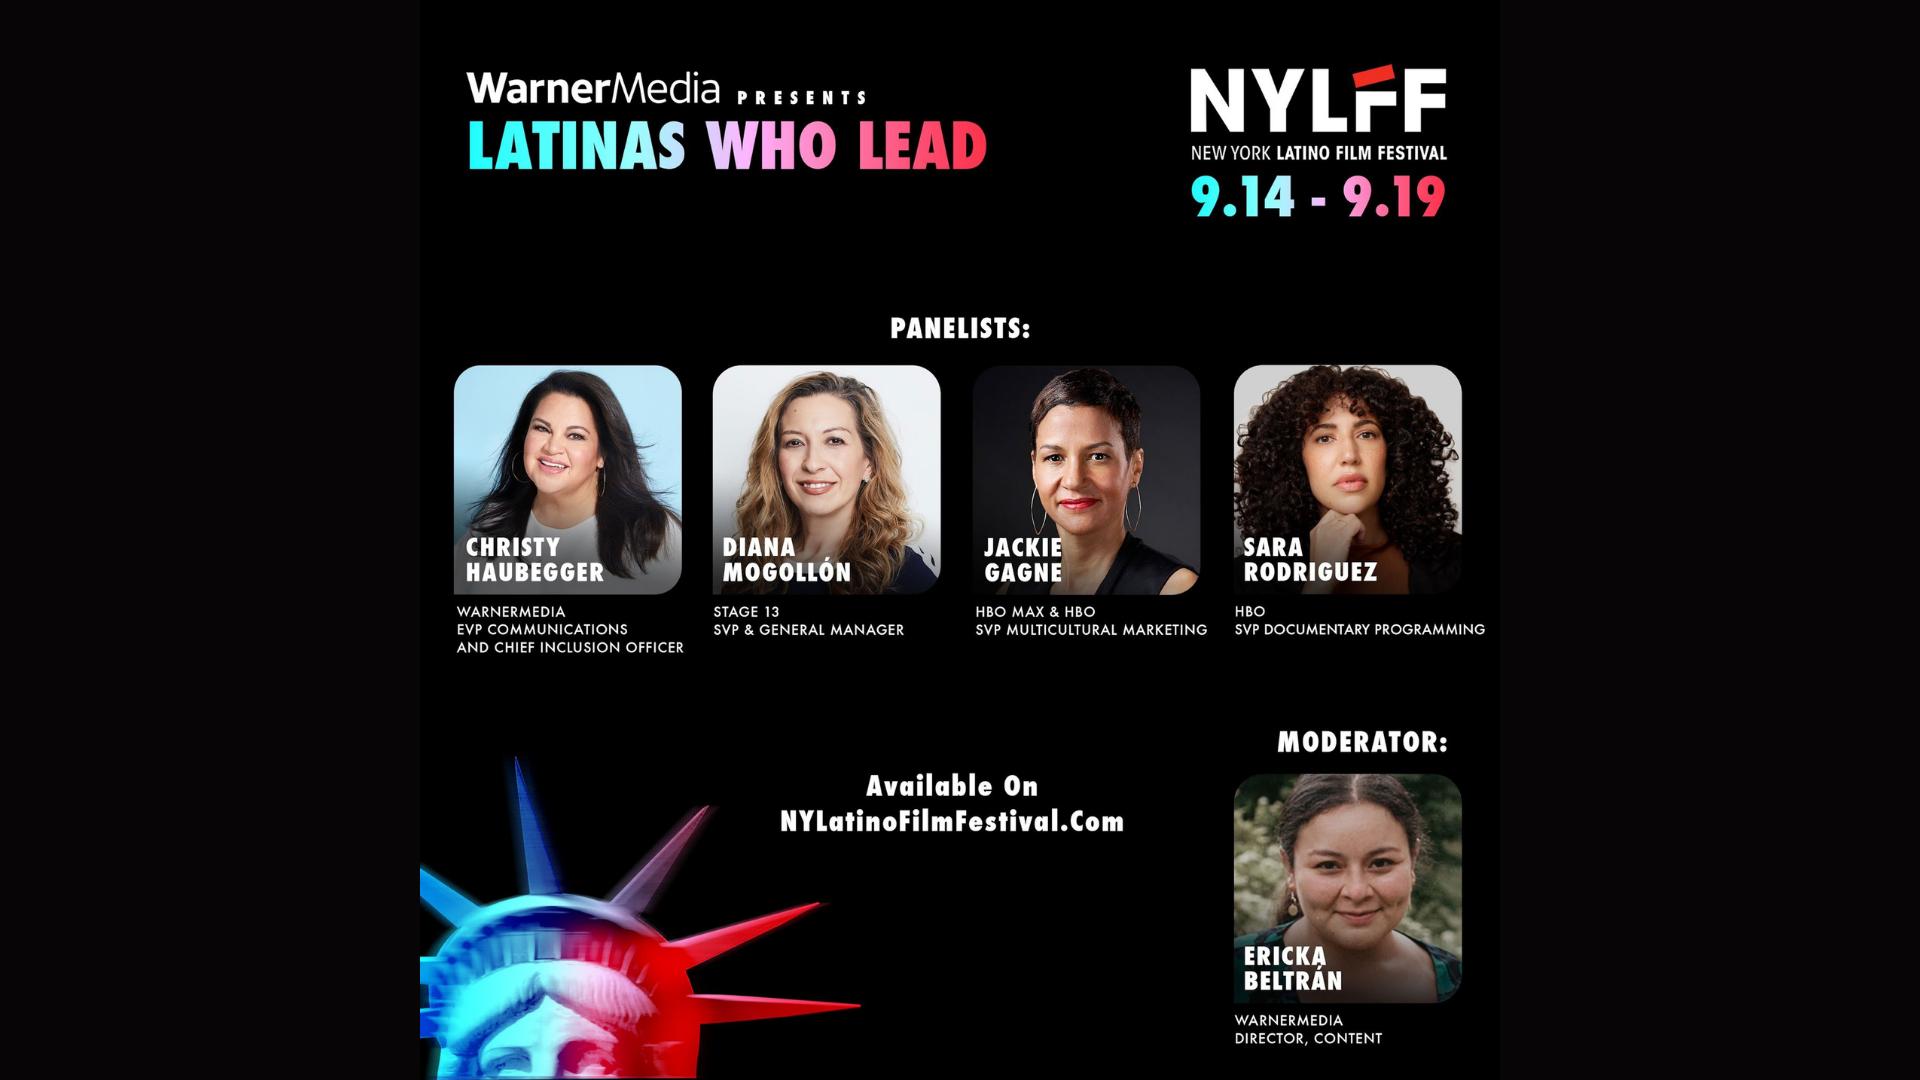 NYLFF Latinas Who Lead - WM